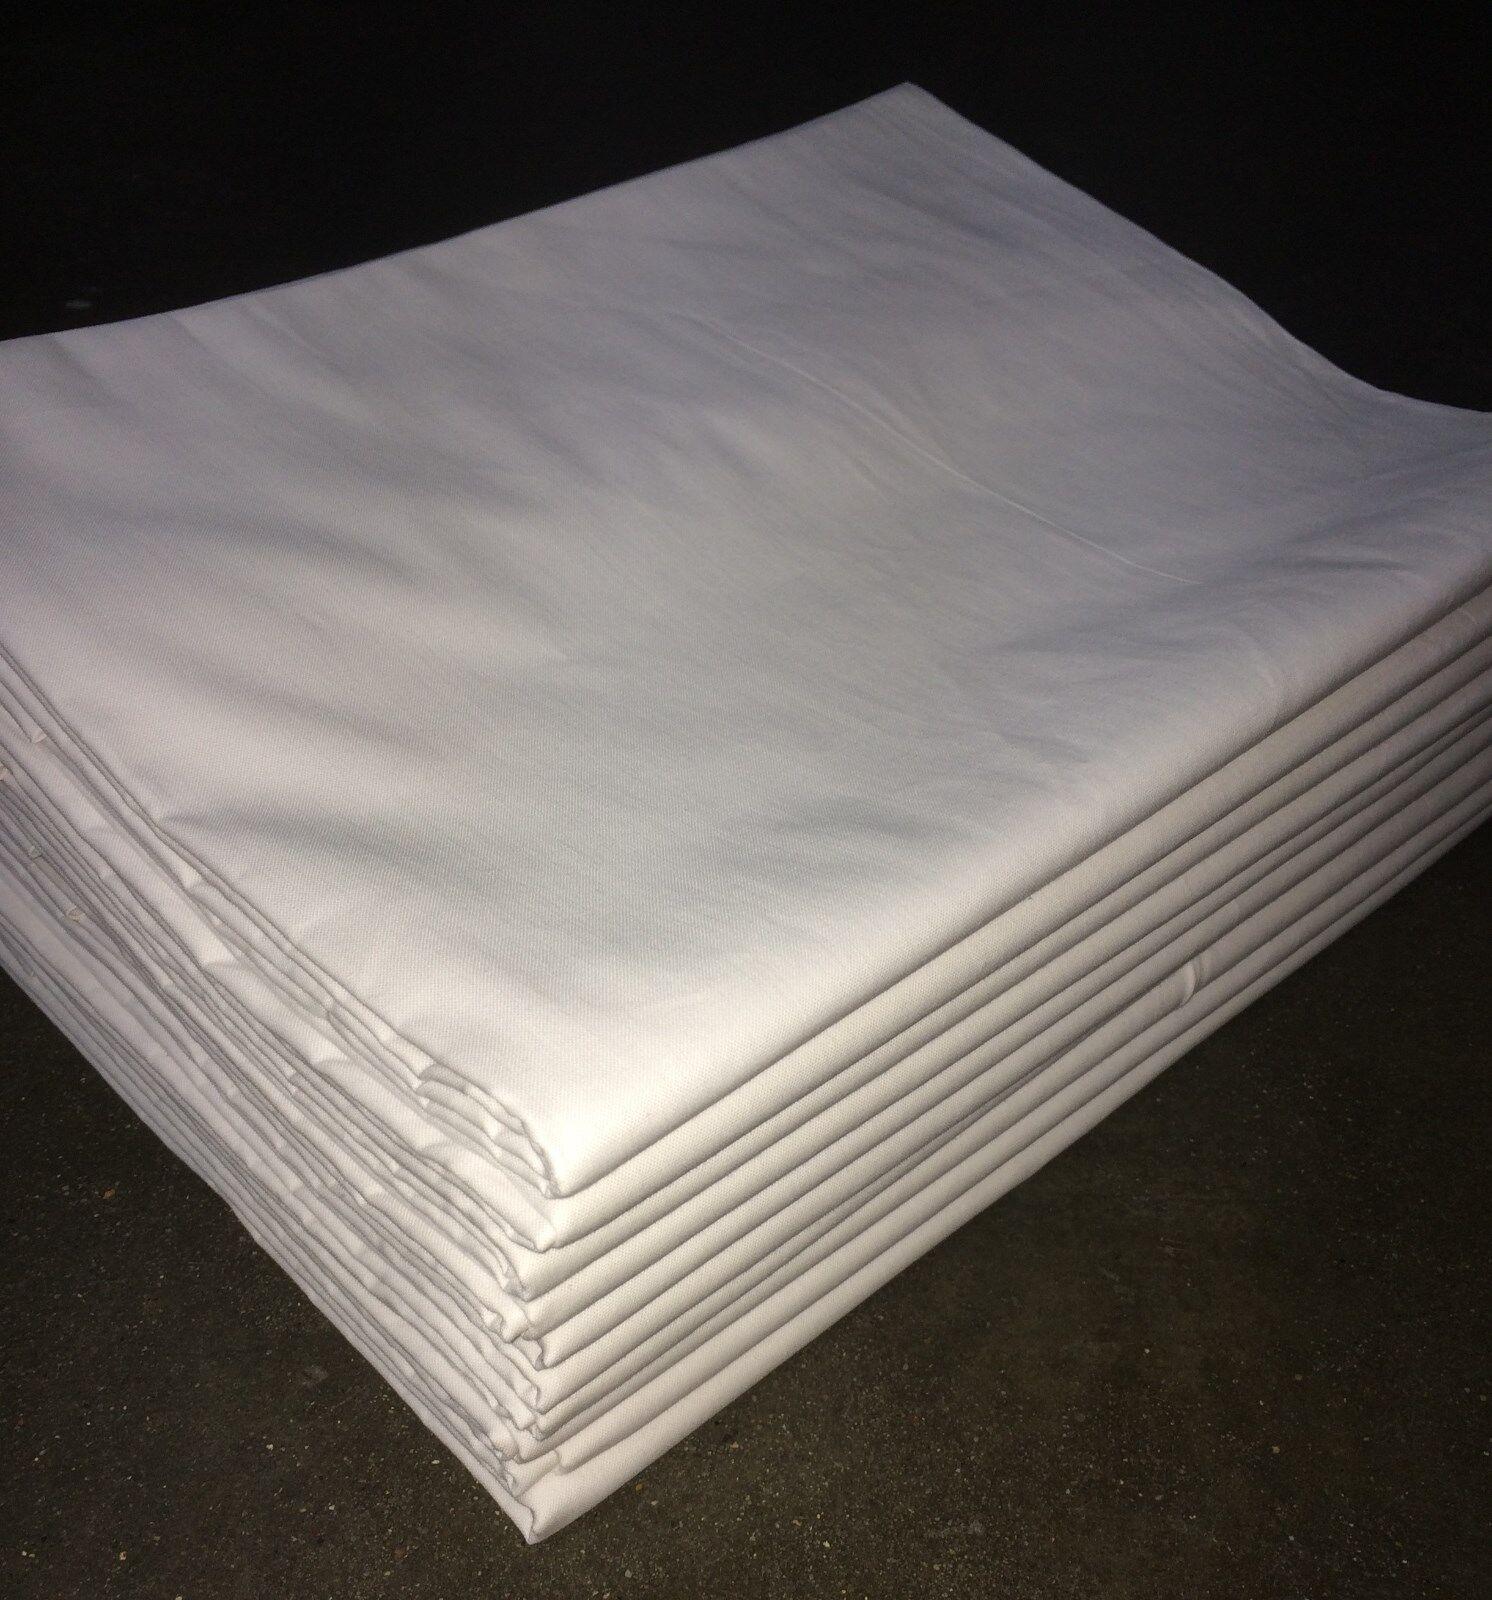 1-40x Bettlaken 240x295 cm 140 g m² weiß Baumwolle Hotel-Qualität ohne Gummi